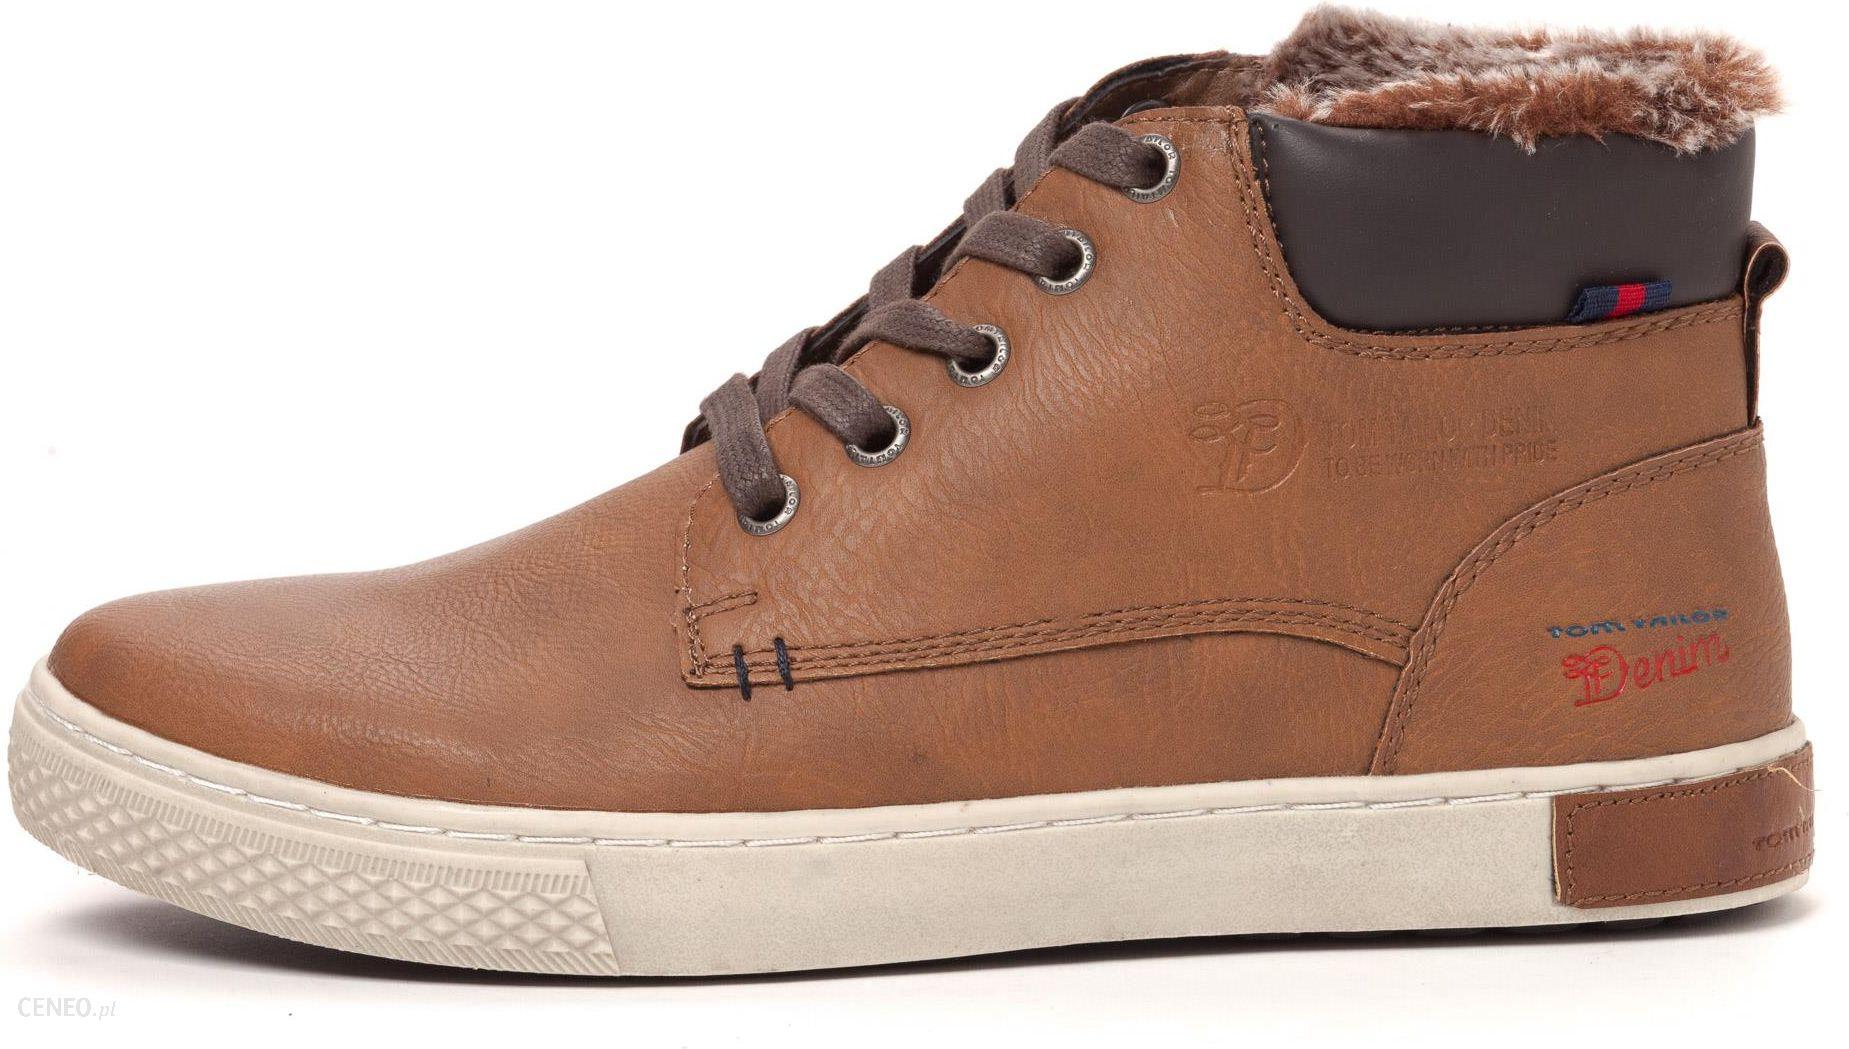 42e8b19f442095 Tom Tailor buty za kostkę męskie 44 brązowy - Ceny i opinie - Ceneo.pl